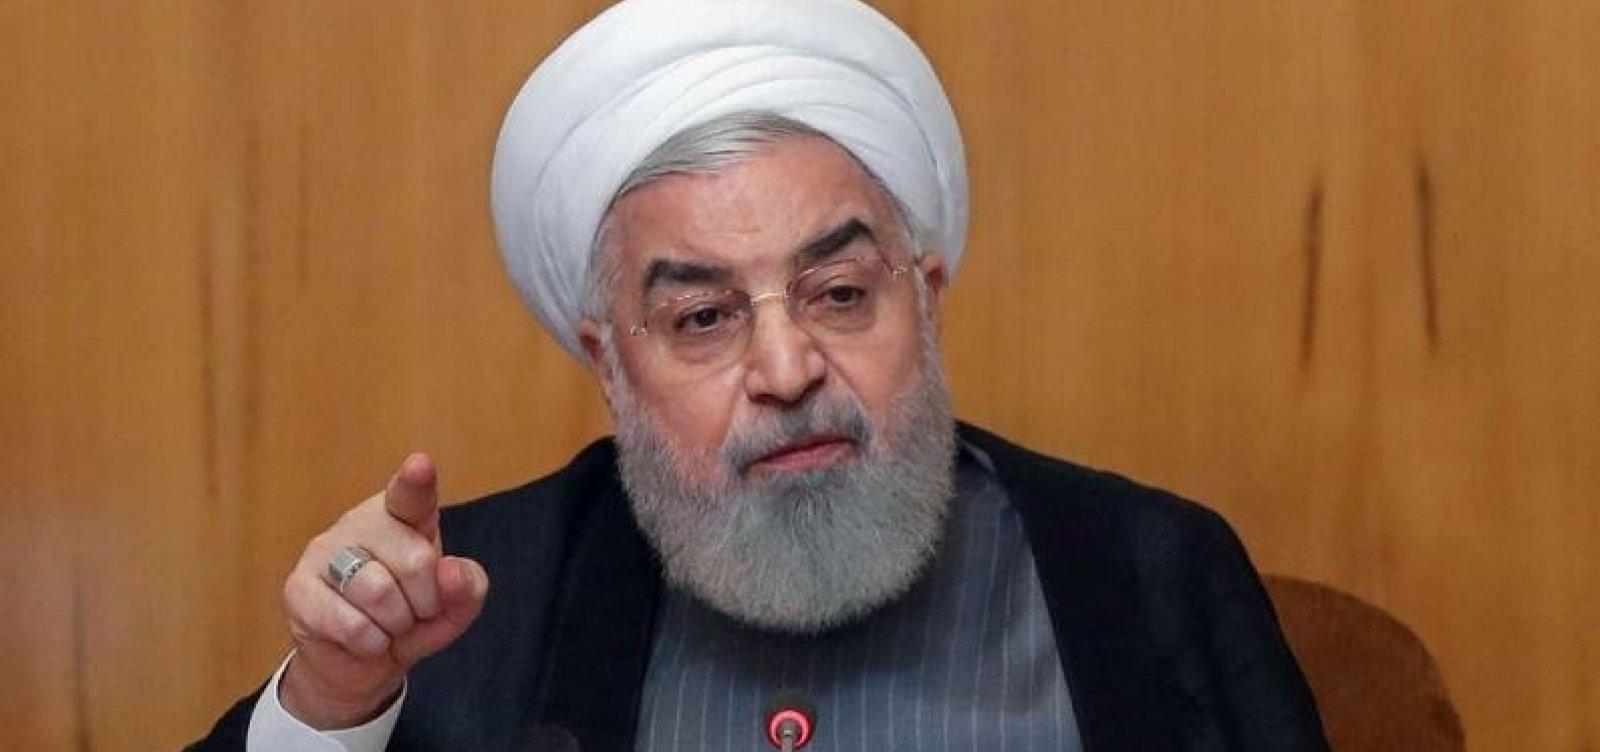 [Irã diz estar disposto a negociar com os EUA se as sanções forem retiradas]